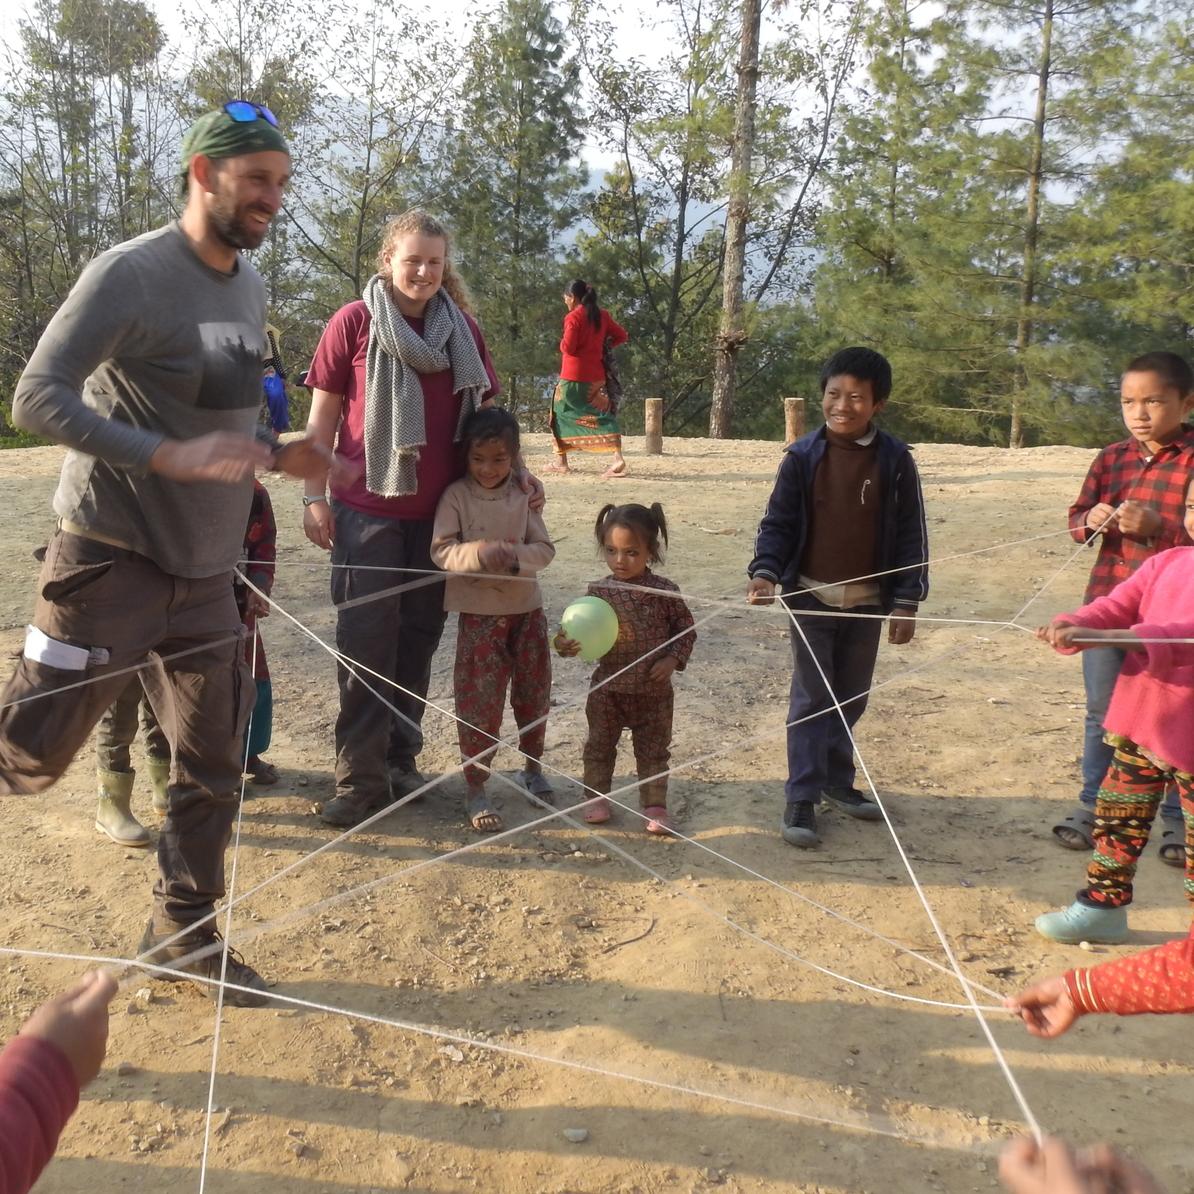 """רוני וג'וש, שניים ממתנדבי """"תבל"""", משחקים עם ילדים נפאליים בכפר דונקנרה. צילום: עמיר בן-דוד ()"""